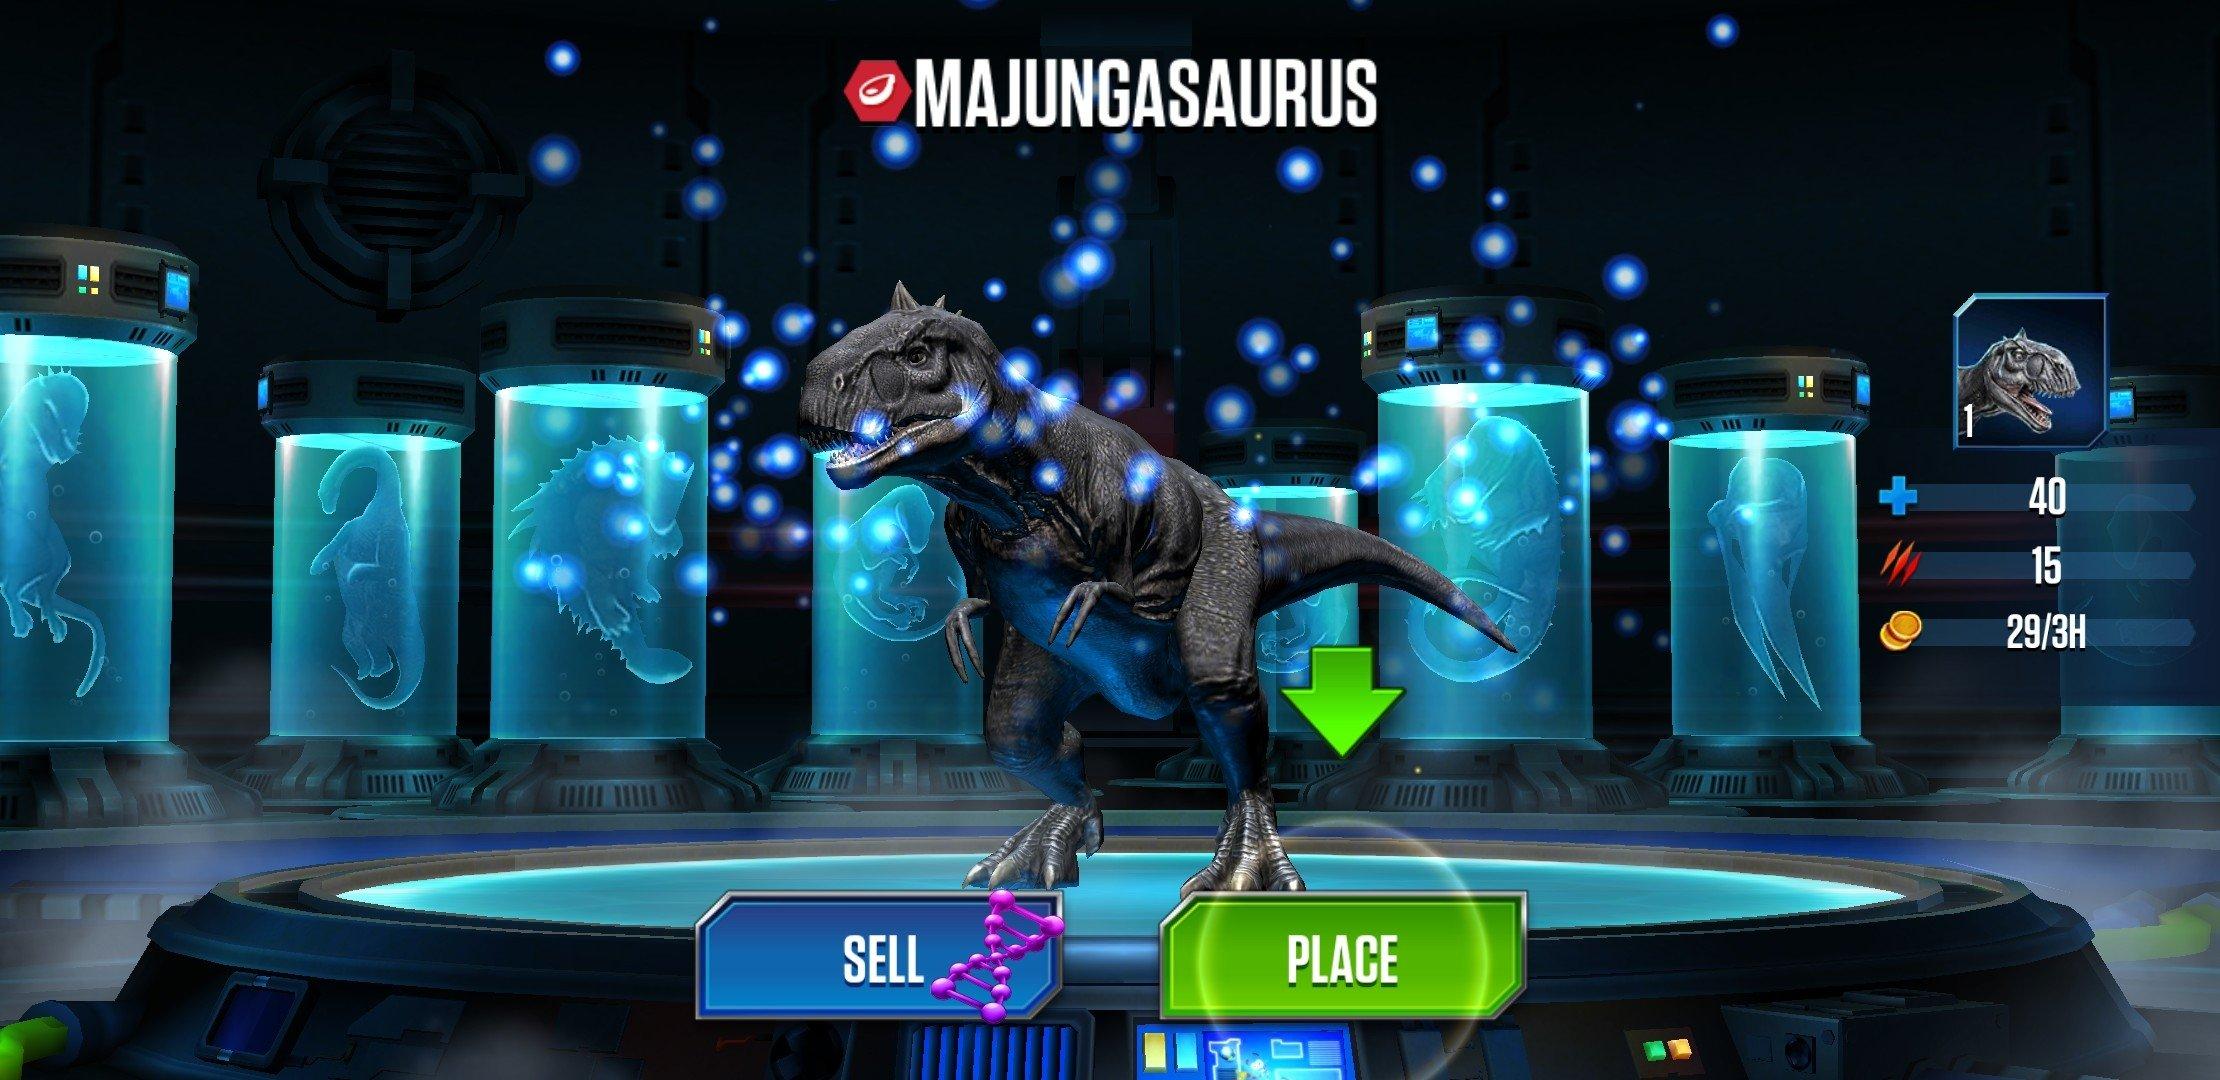 Jurassic world le jeu t l charger pour android apk gratuitement - Telecharger jurassic park 4 ...